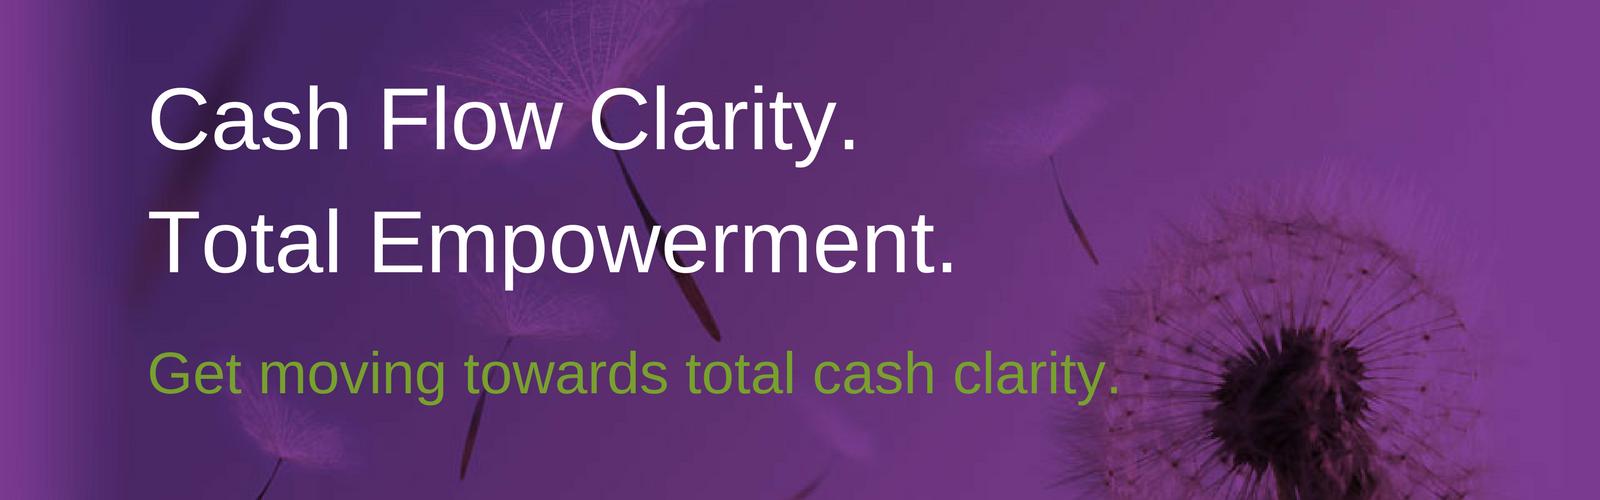 cash flow clarity